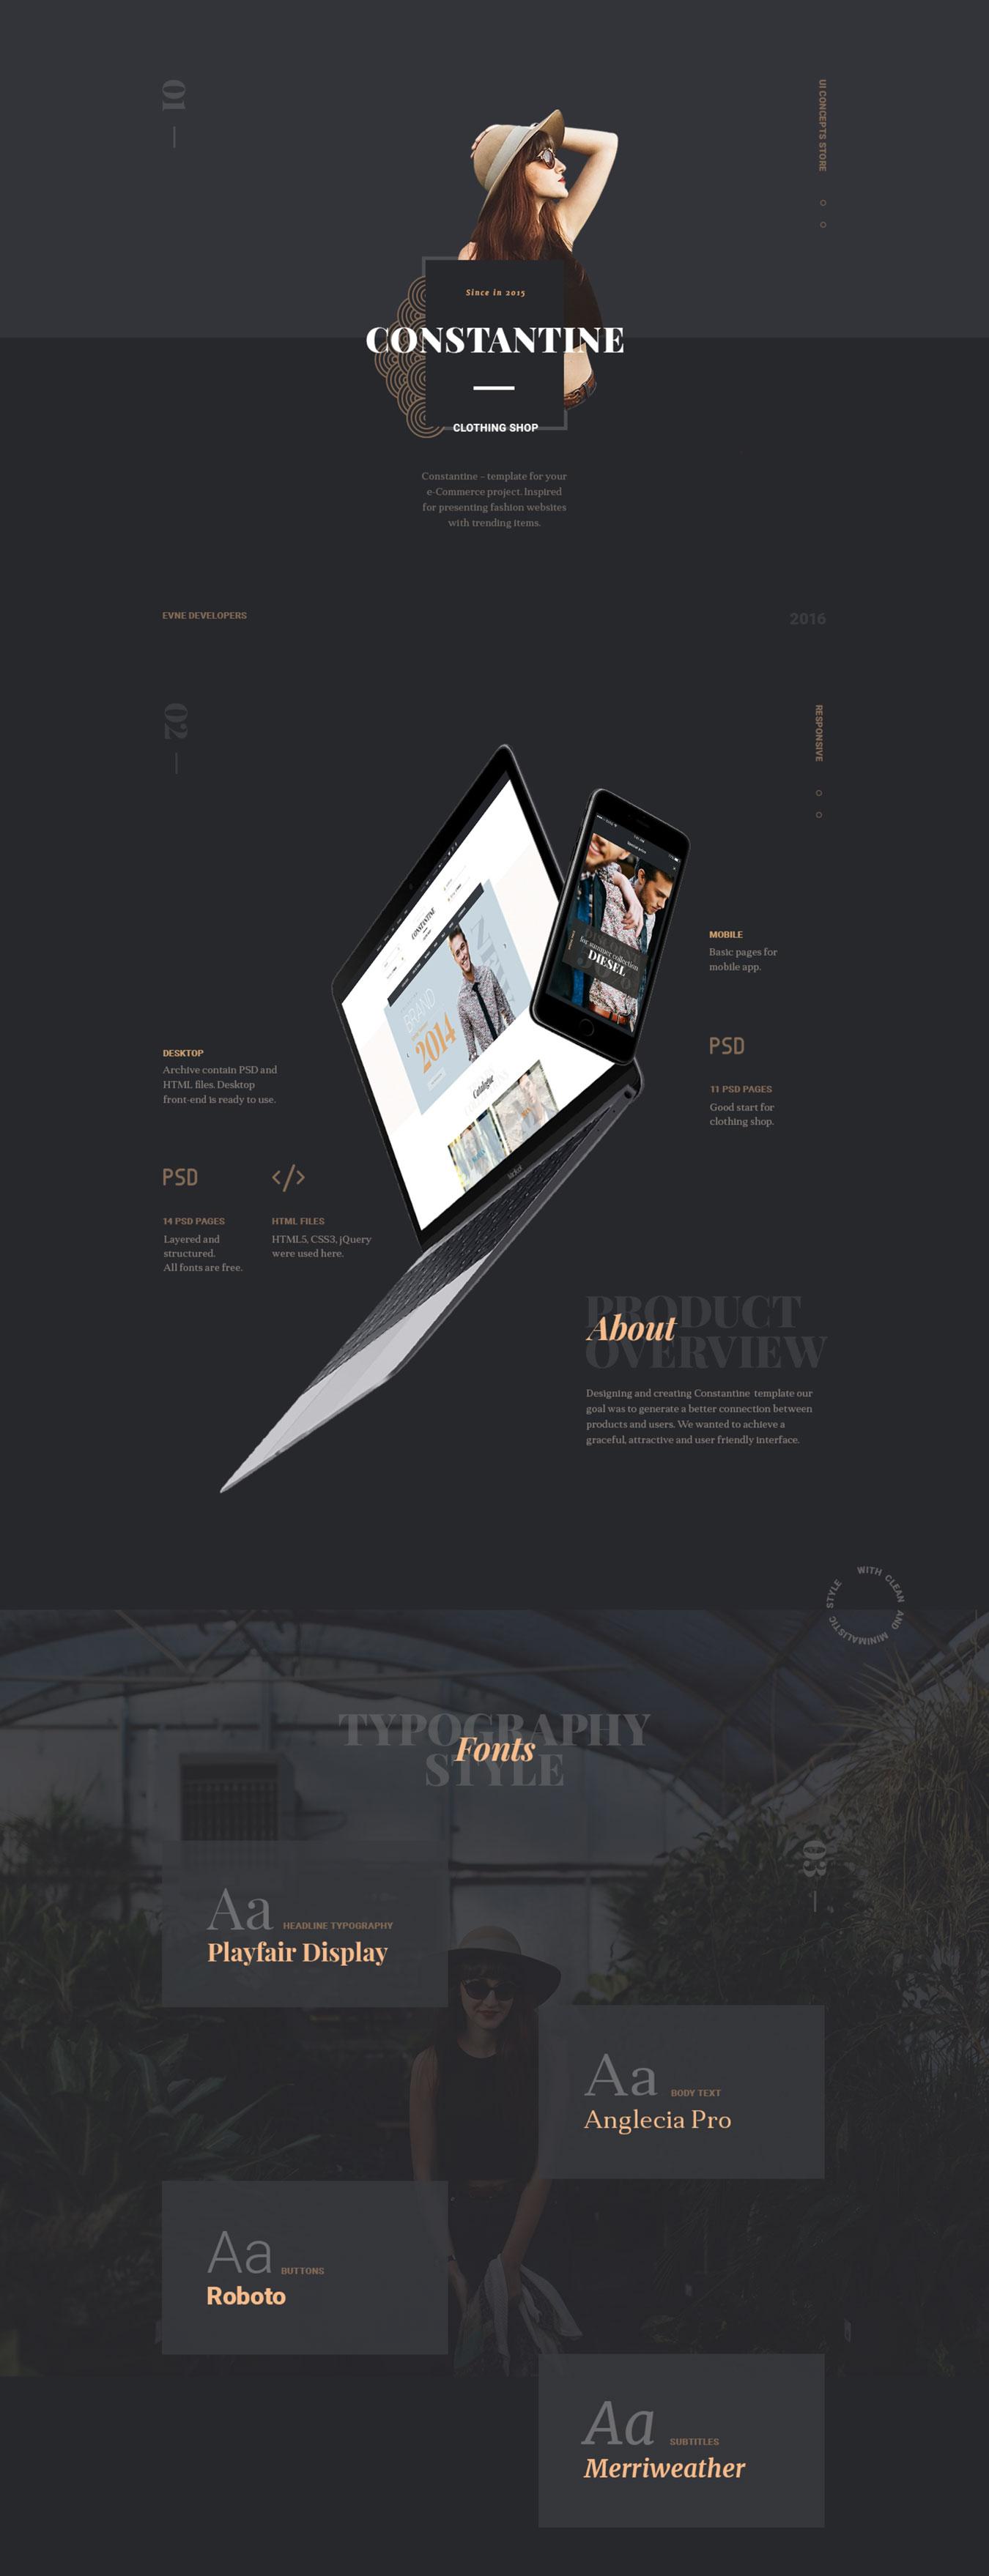 高端服装品牌电子商务网站PSD模板 Constantine插图